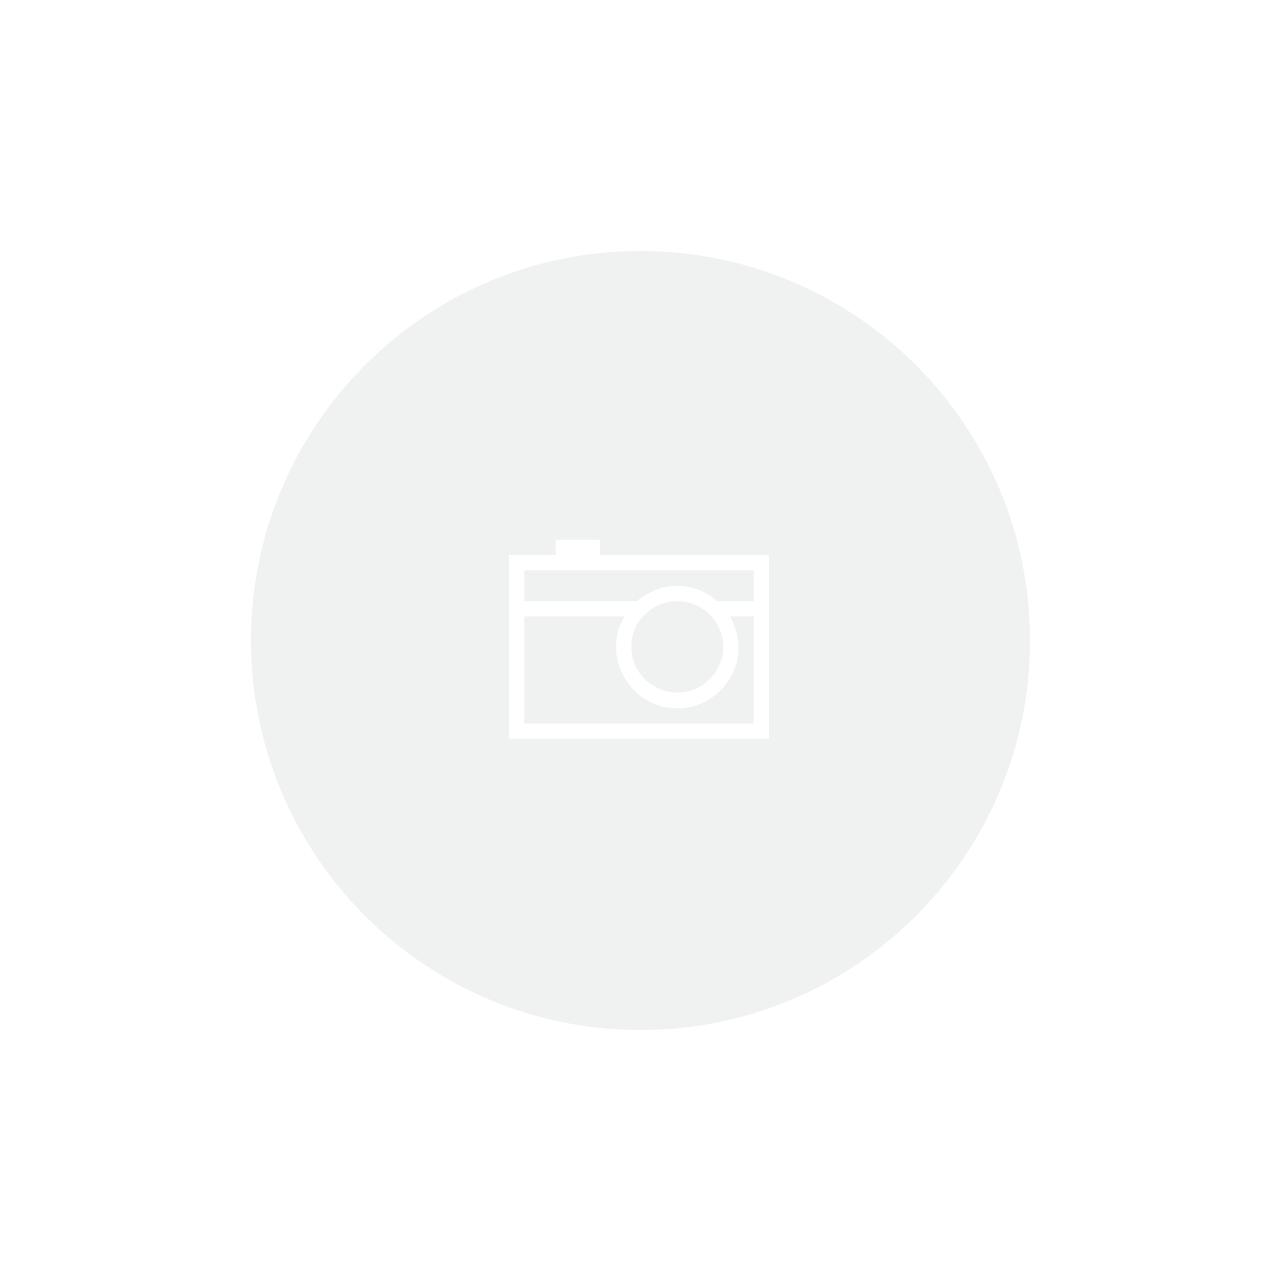 Placa de Vídeo Amd Rx 570 4gb Rs Xxx Ed Oc+ Ddr5 1284mhz XFX RX-570P4DFD6